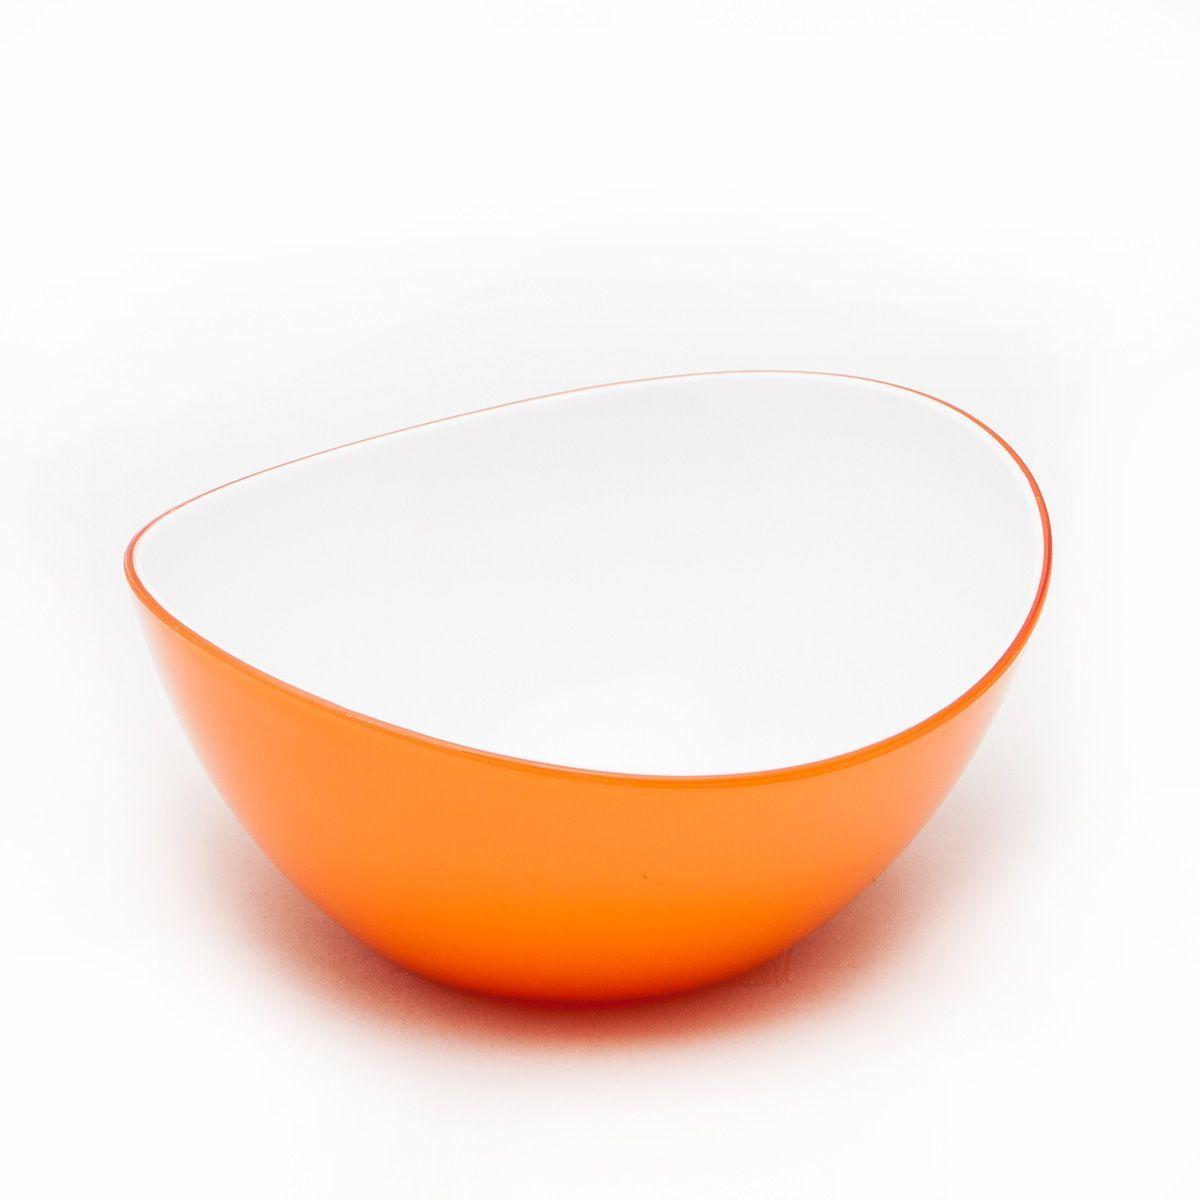 Миска MoulinVilla, цвет: оранжевый, длина 16 смL-16OМиска компании Moulinvilla изготовлена из высококачественного акрила. Благодаря оригинальному и привлекательному дизайну выполняет не только практичную, но и декоративную функцию. Белый цвет внутренней поверхности и сочный, интенсивный цвет снаружи о